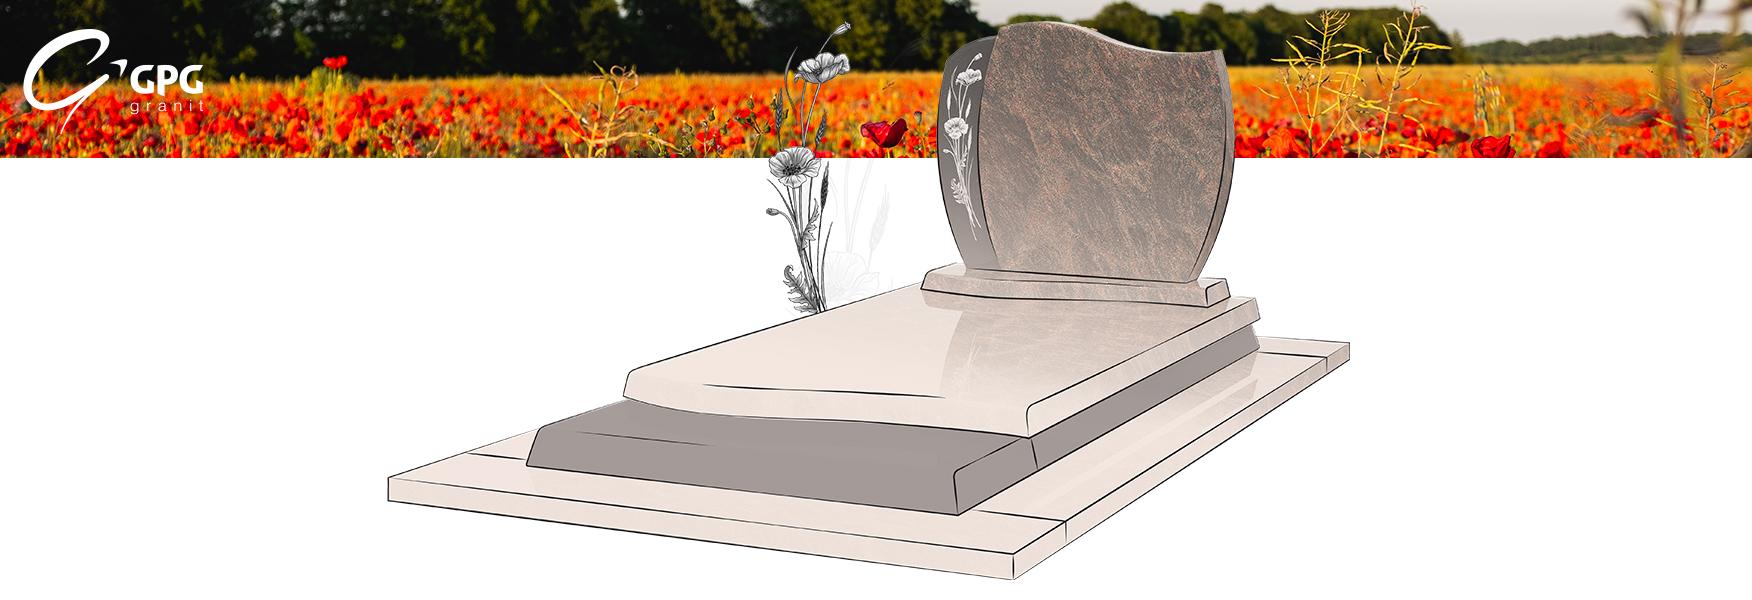 Le monument funéraire GPG 249 peut être conçu sur mesure